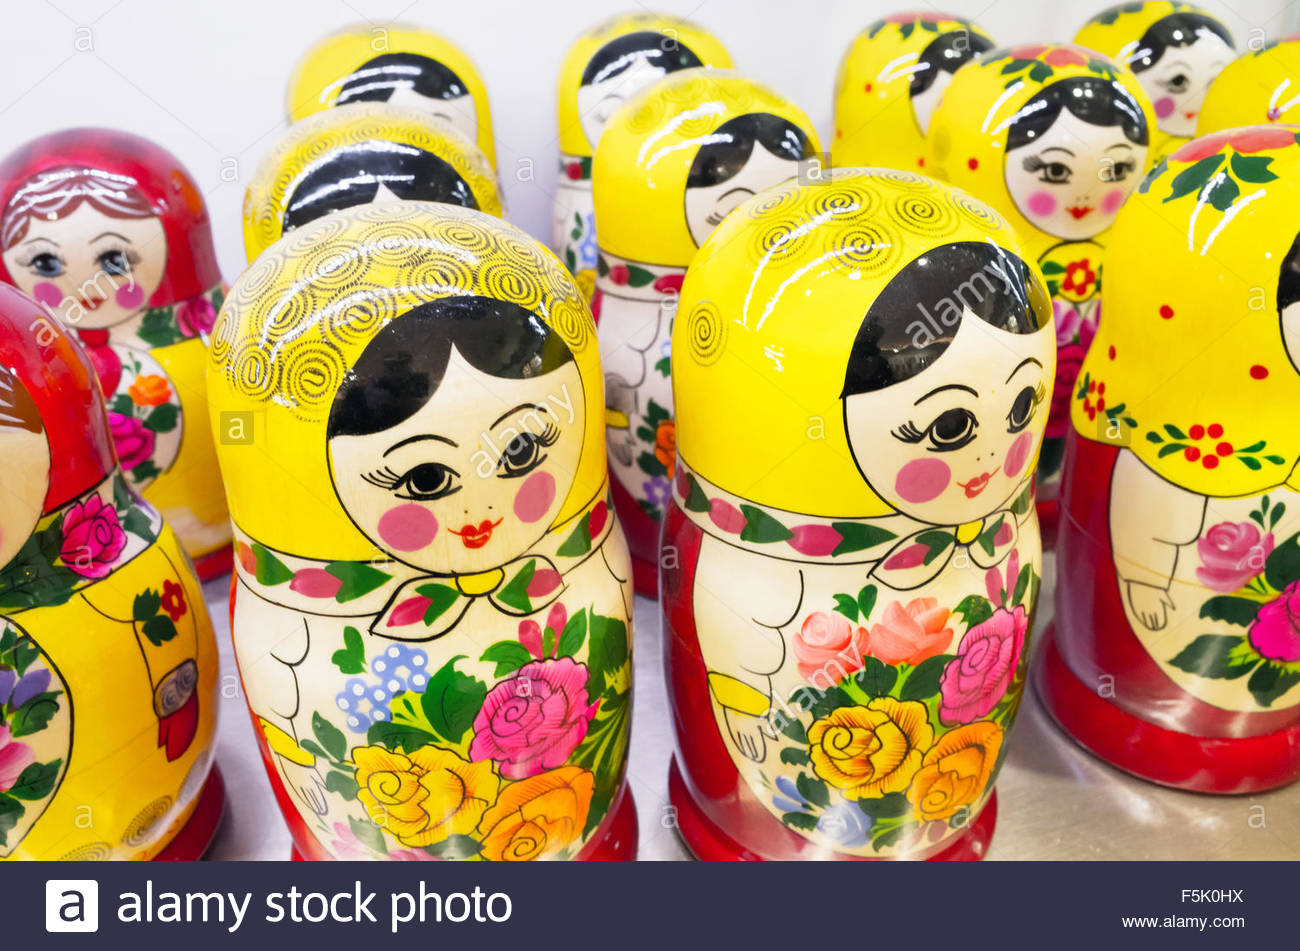 Poupées Matriochka En Bois Coloré, Également Connu Sous Le pour Nom Poupée Russe